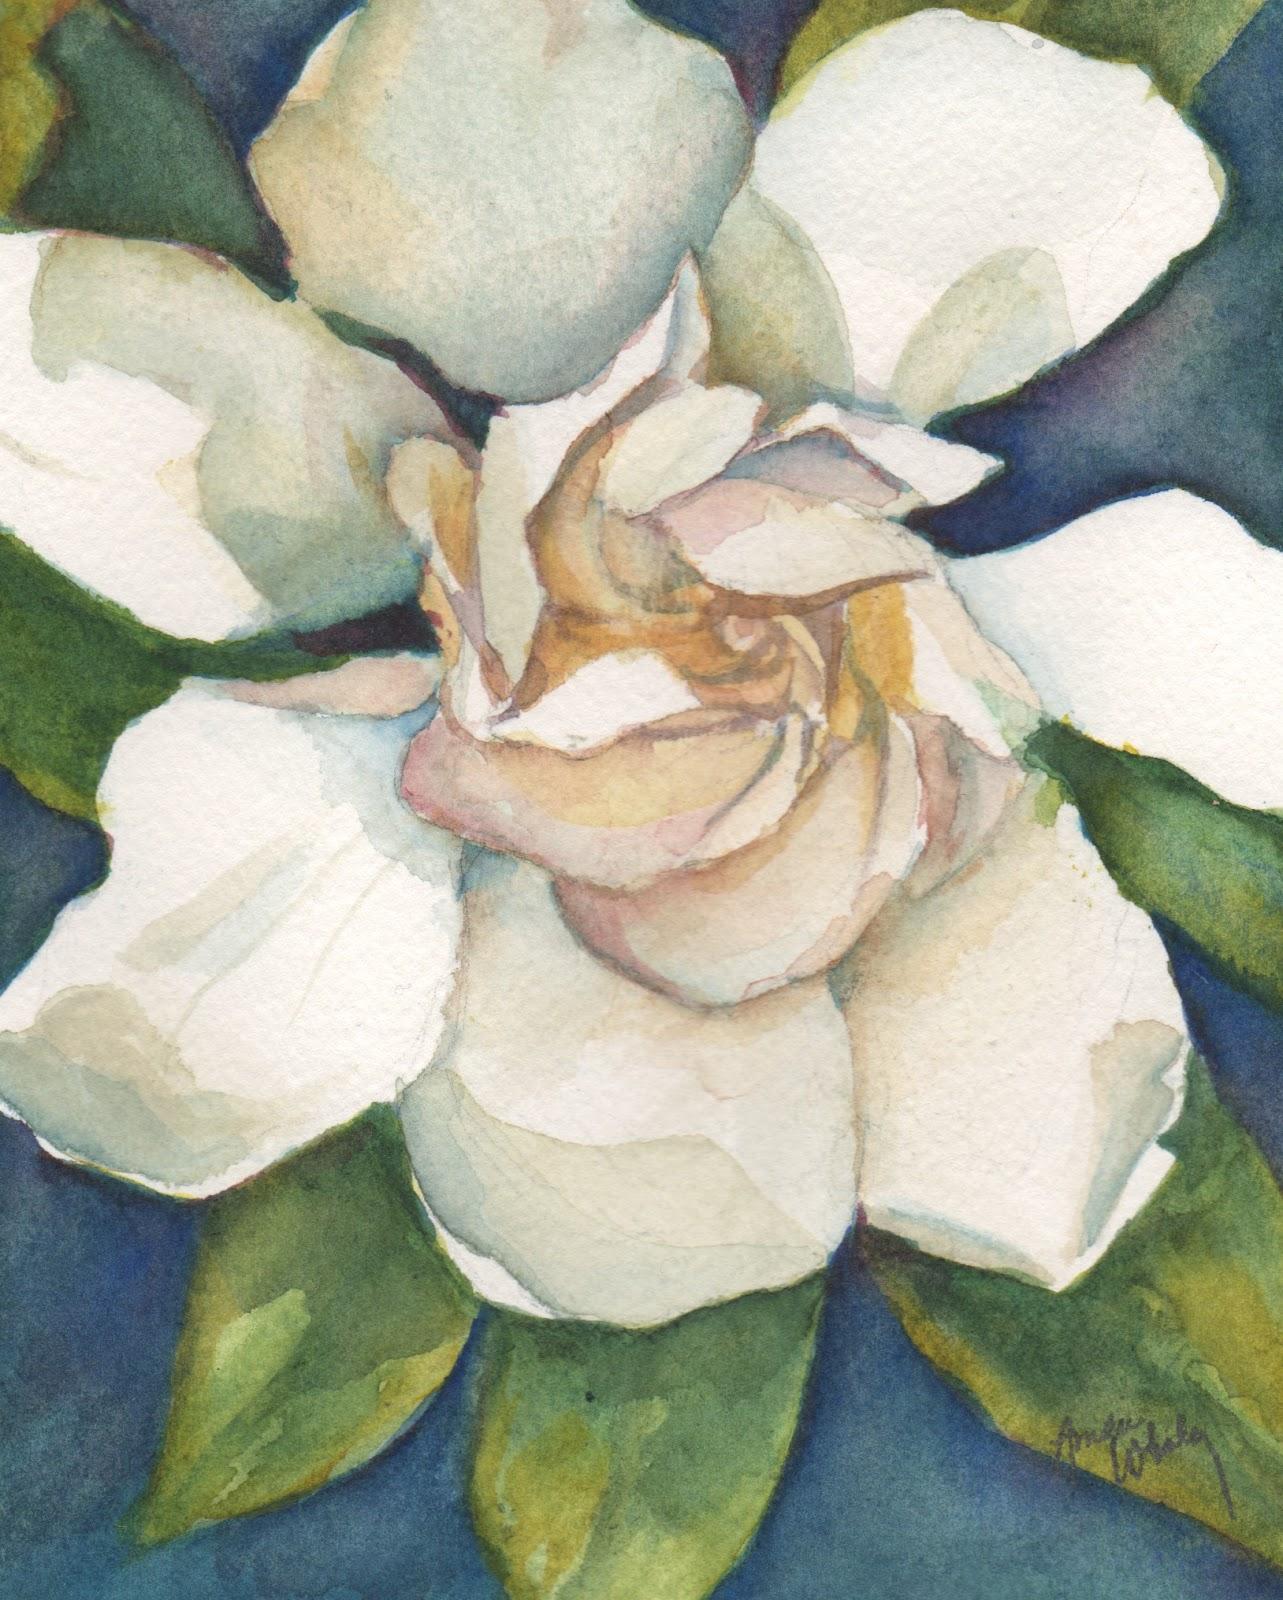 Hyacinth the flower 06 - 5 7